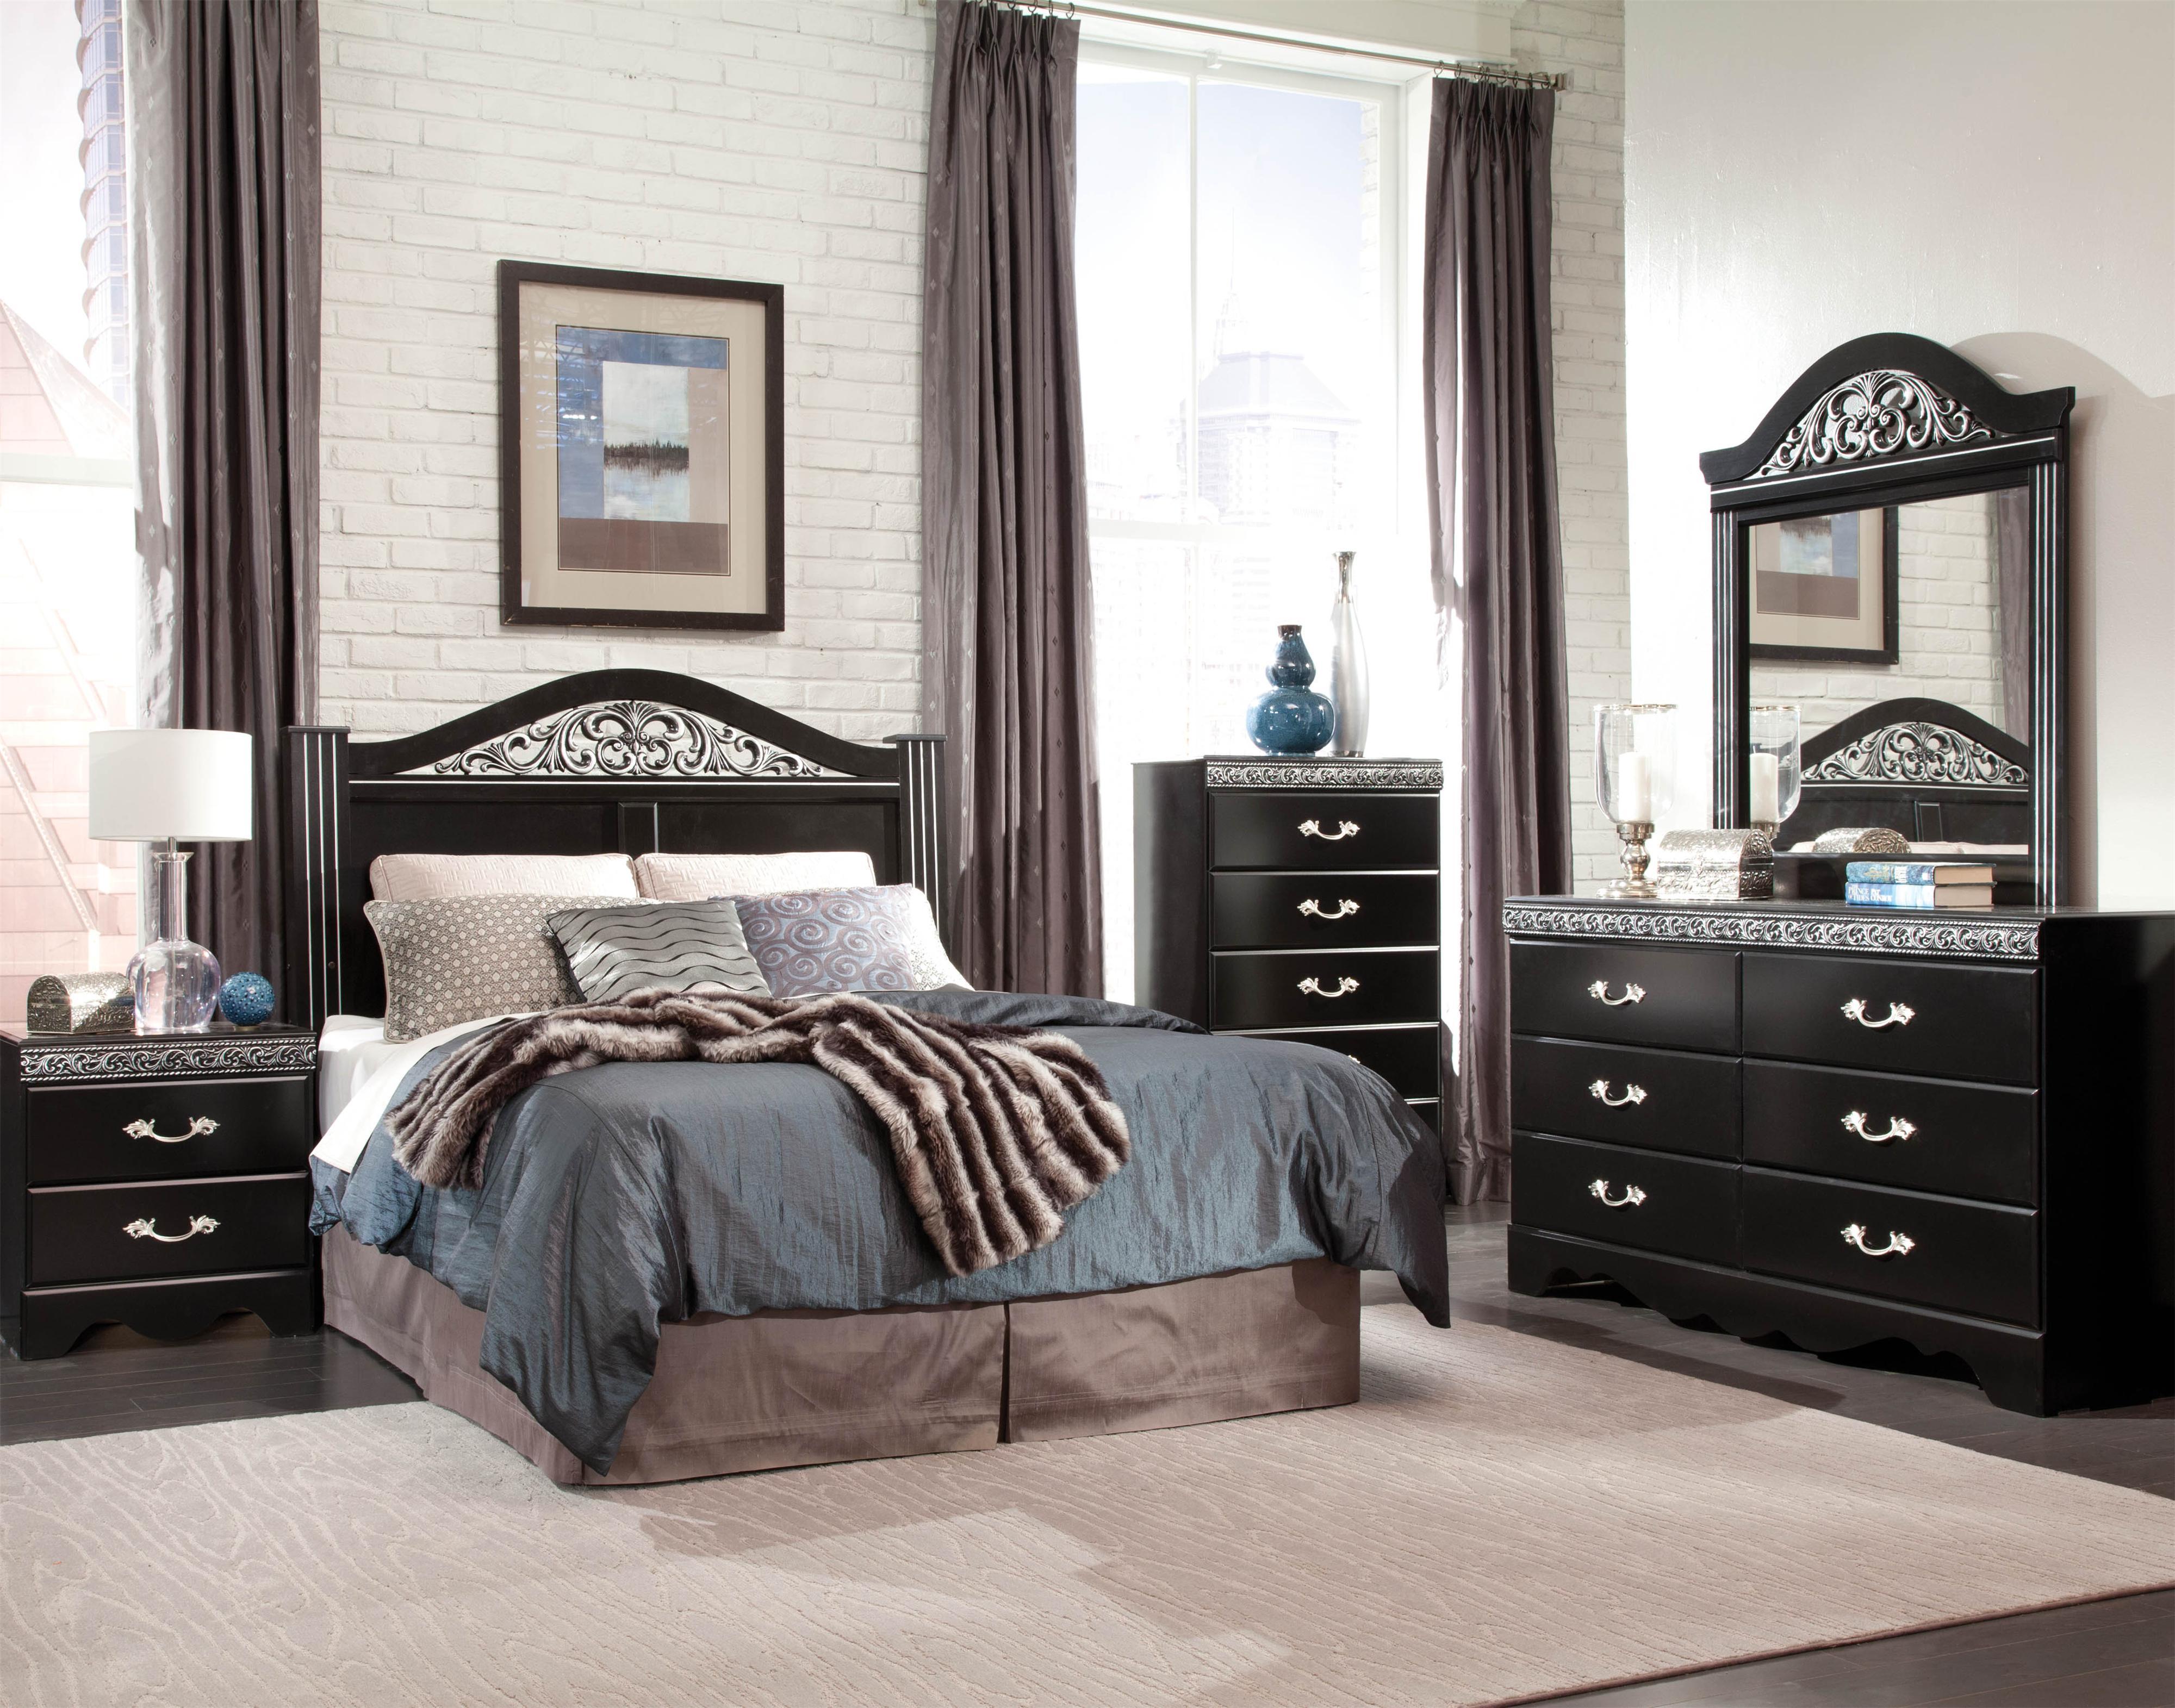 Standard Furniture Odessa King Bedroom Group - Item Number: 69550 King Bedroom Group 2